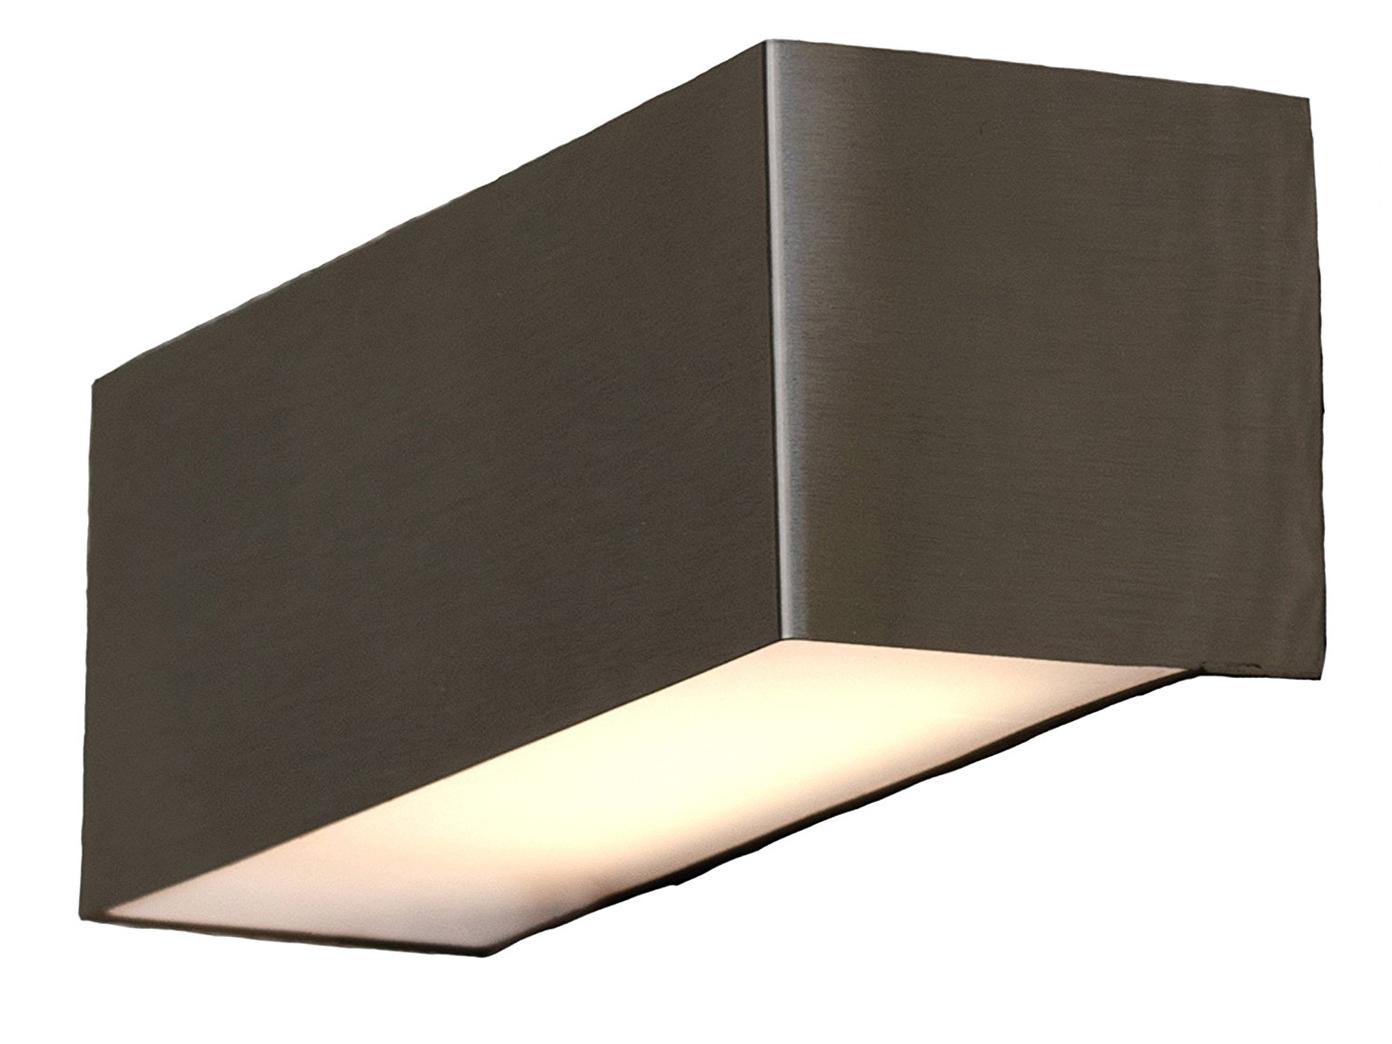 led wandleuchte edelstahl au enleuchten ip44 up downlight beleuchtung fassade eur 26 49. Black Bedroom Furniture Sets. Home Design Ideas